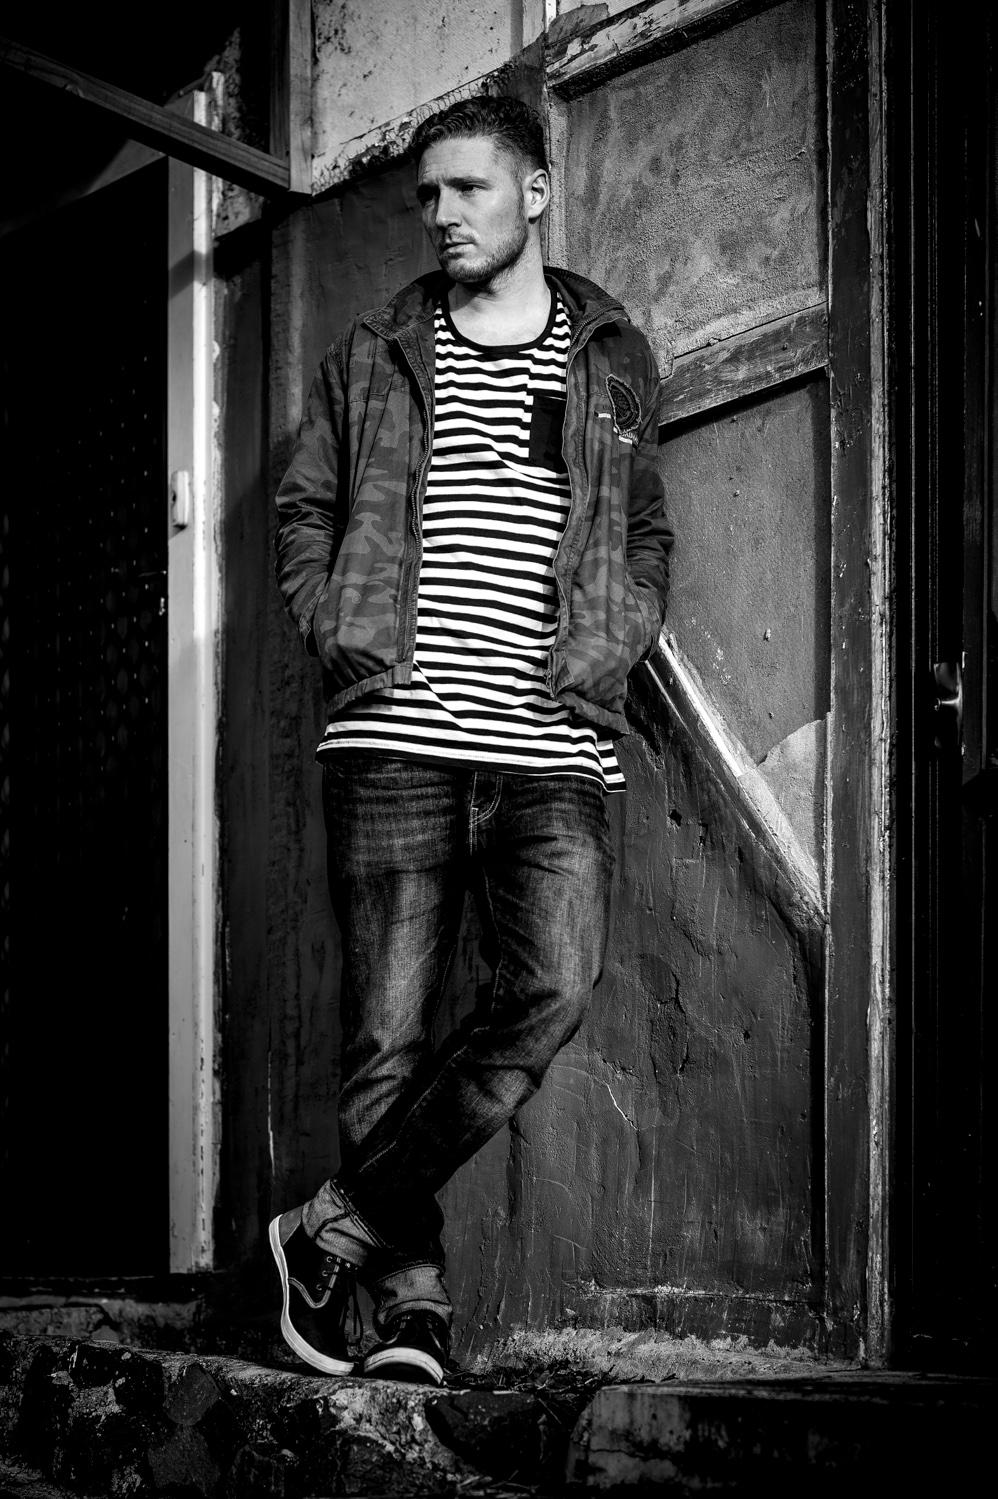 Sam Allen_051_©2013 Steve Dykes.jpg